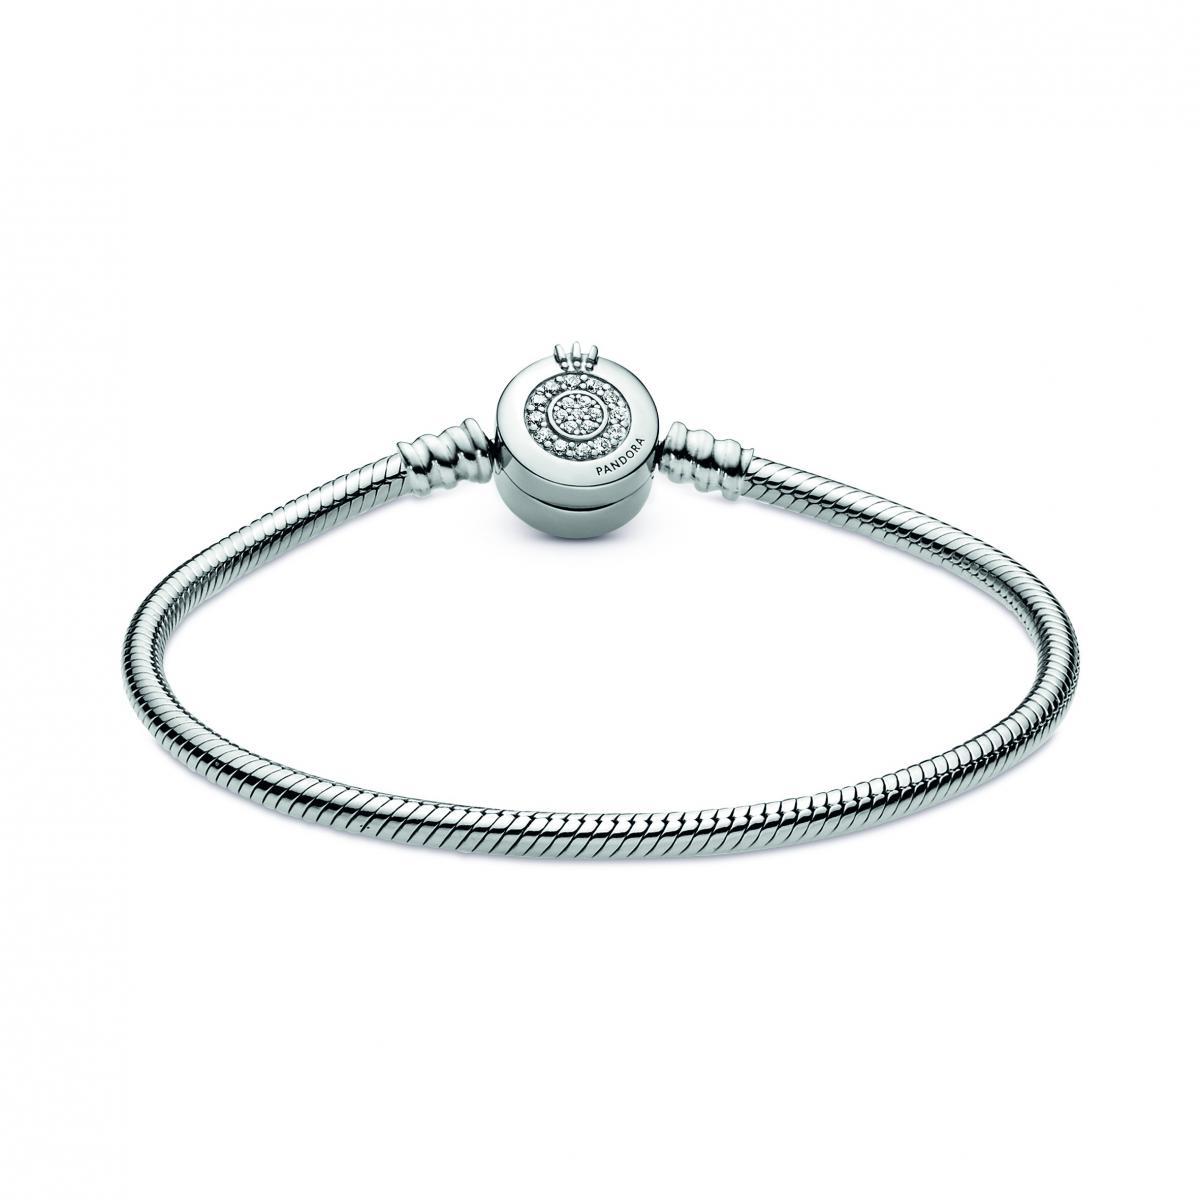 Bracelet Maille Serpent Fermoir O Couronne Scintillant 599046C01 - Bracelet  Femme